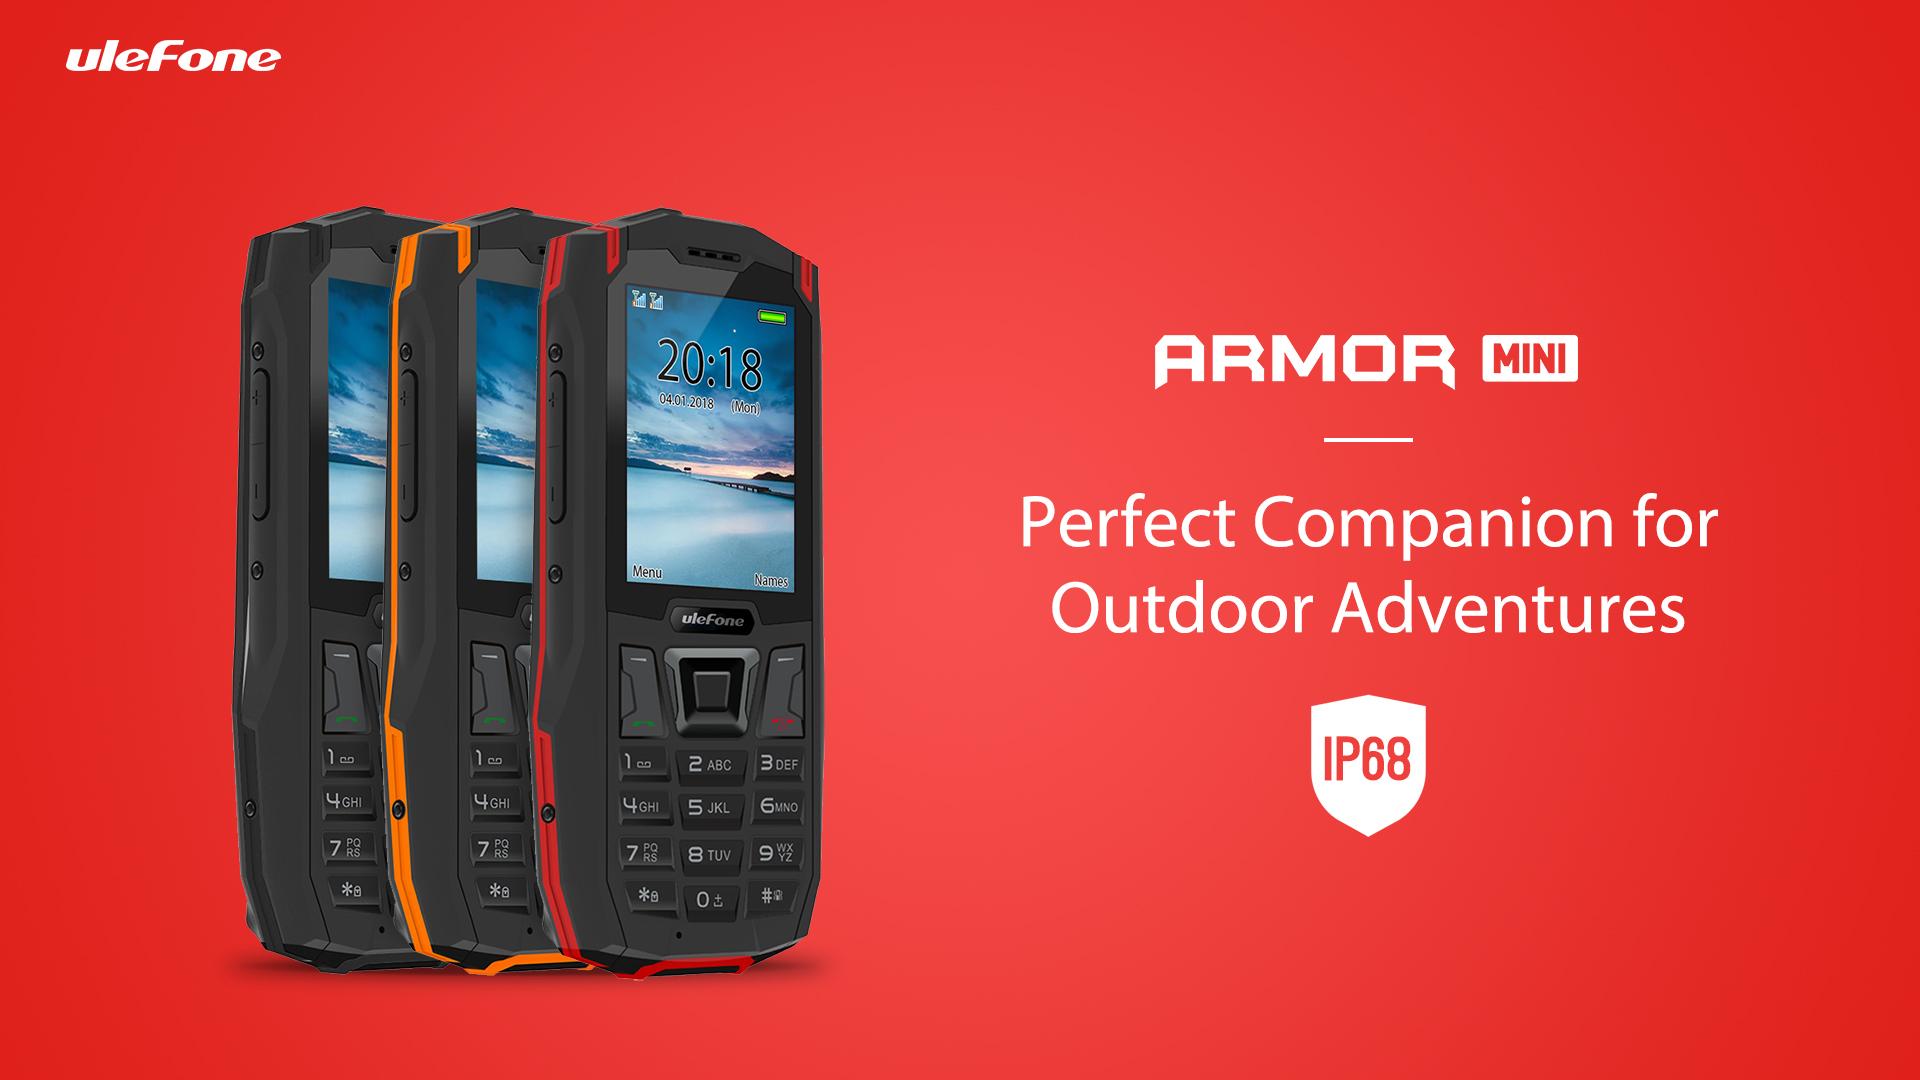 Ulefone Armor Mini – Mobilní telefon za 40 dolarů [Sponzorovaný článek]